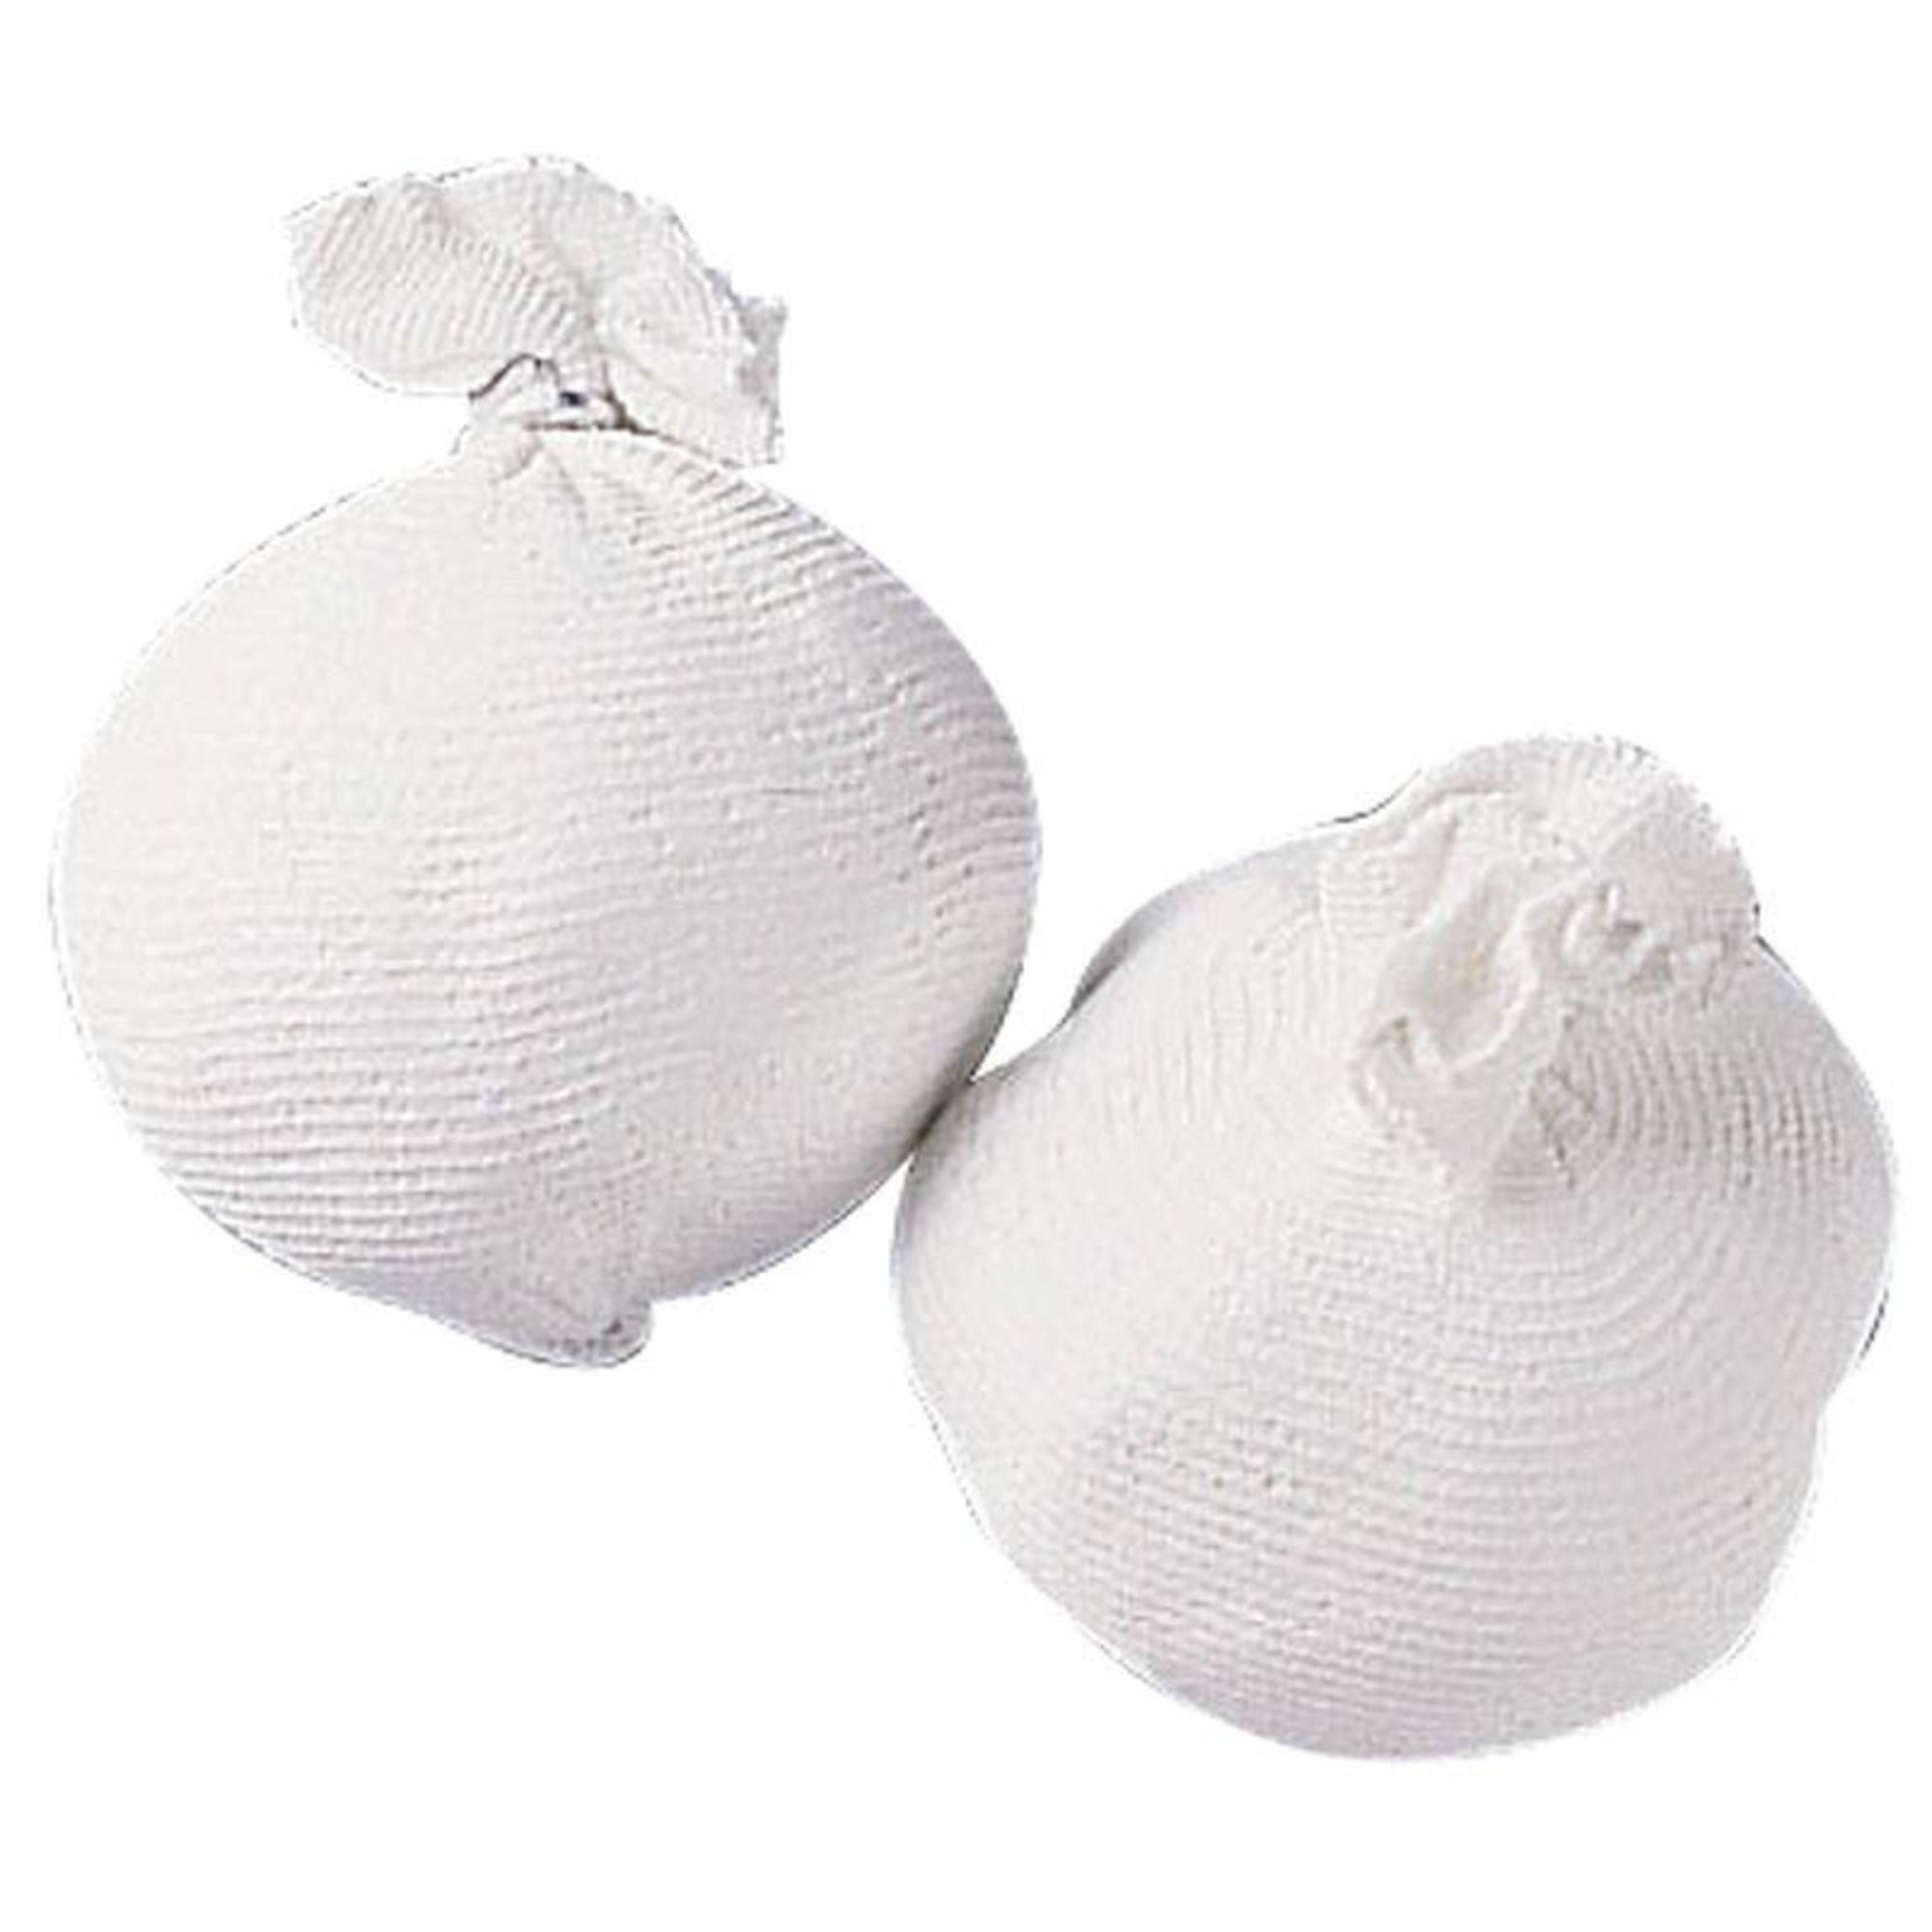 2 boules de magnésie